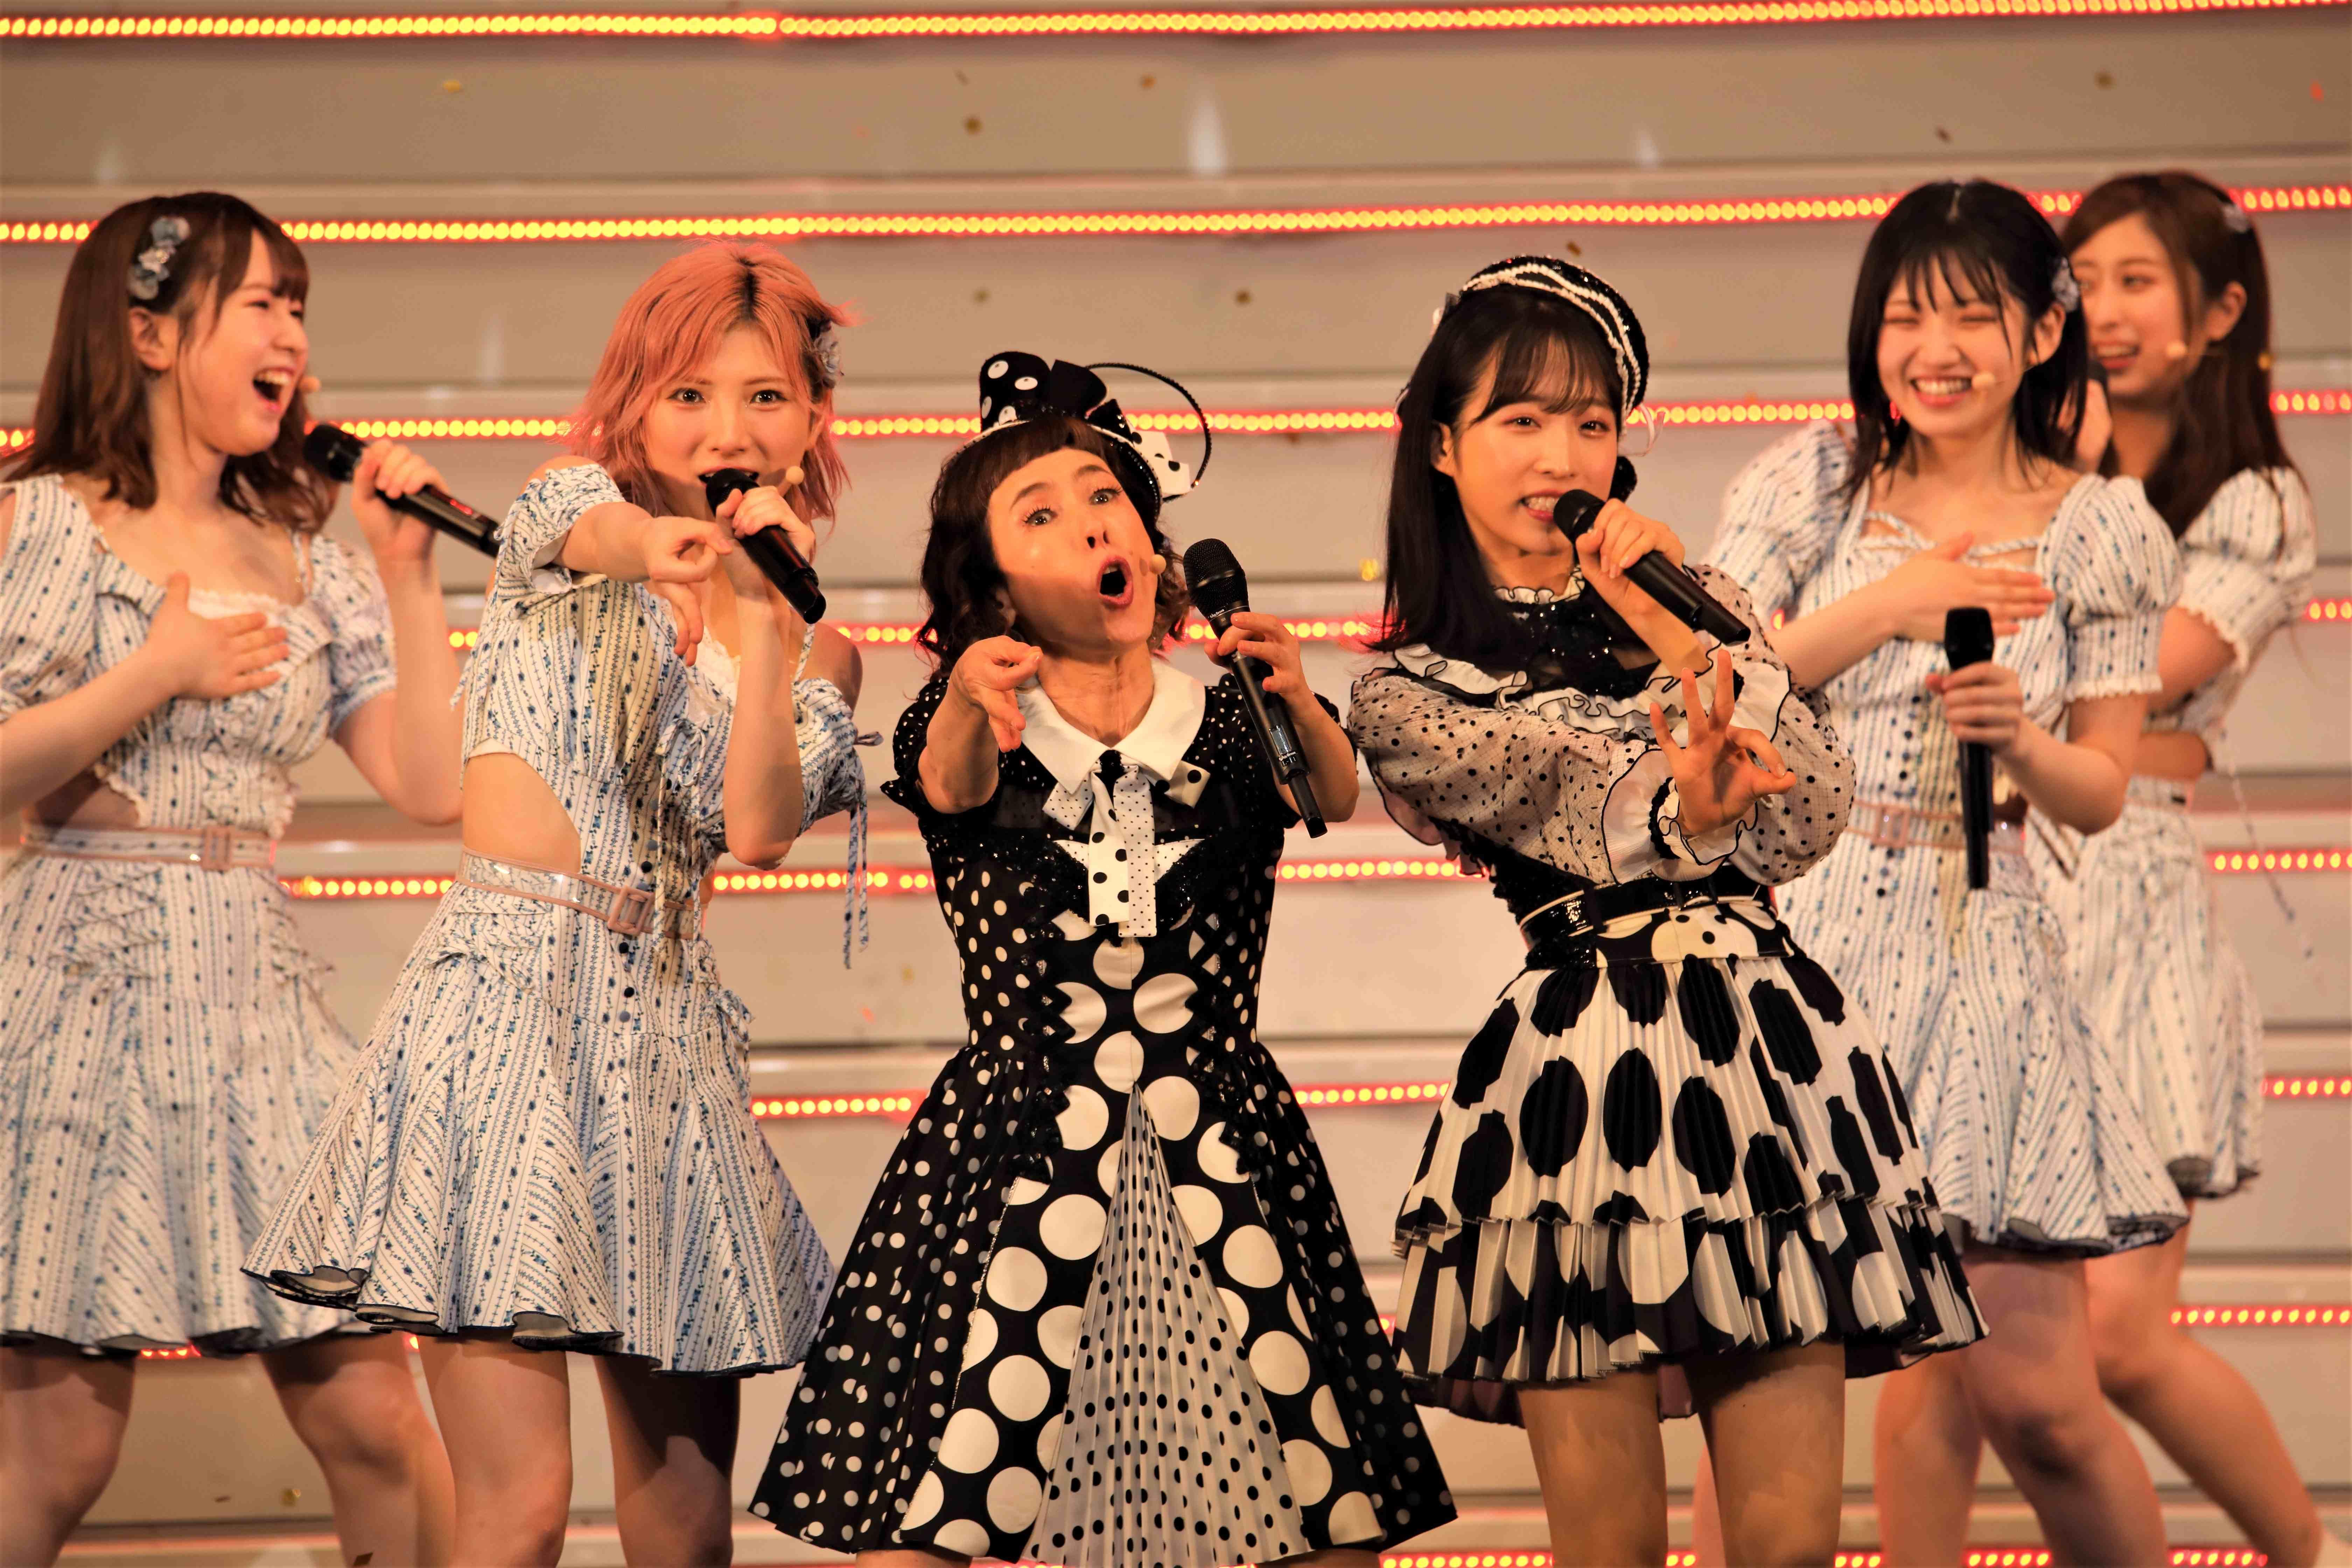 ここでも「よろちくびー!」©AKB48 THE AUDISHOW製作委員会  無断アップロード及び転送は一切禁止です。